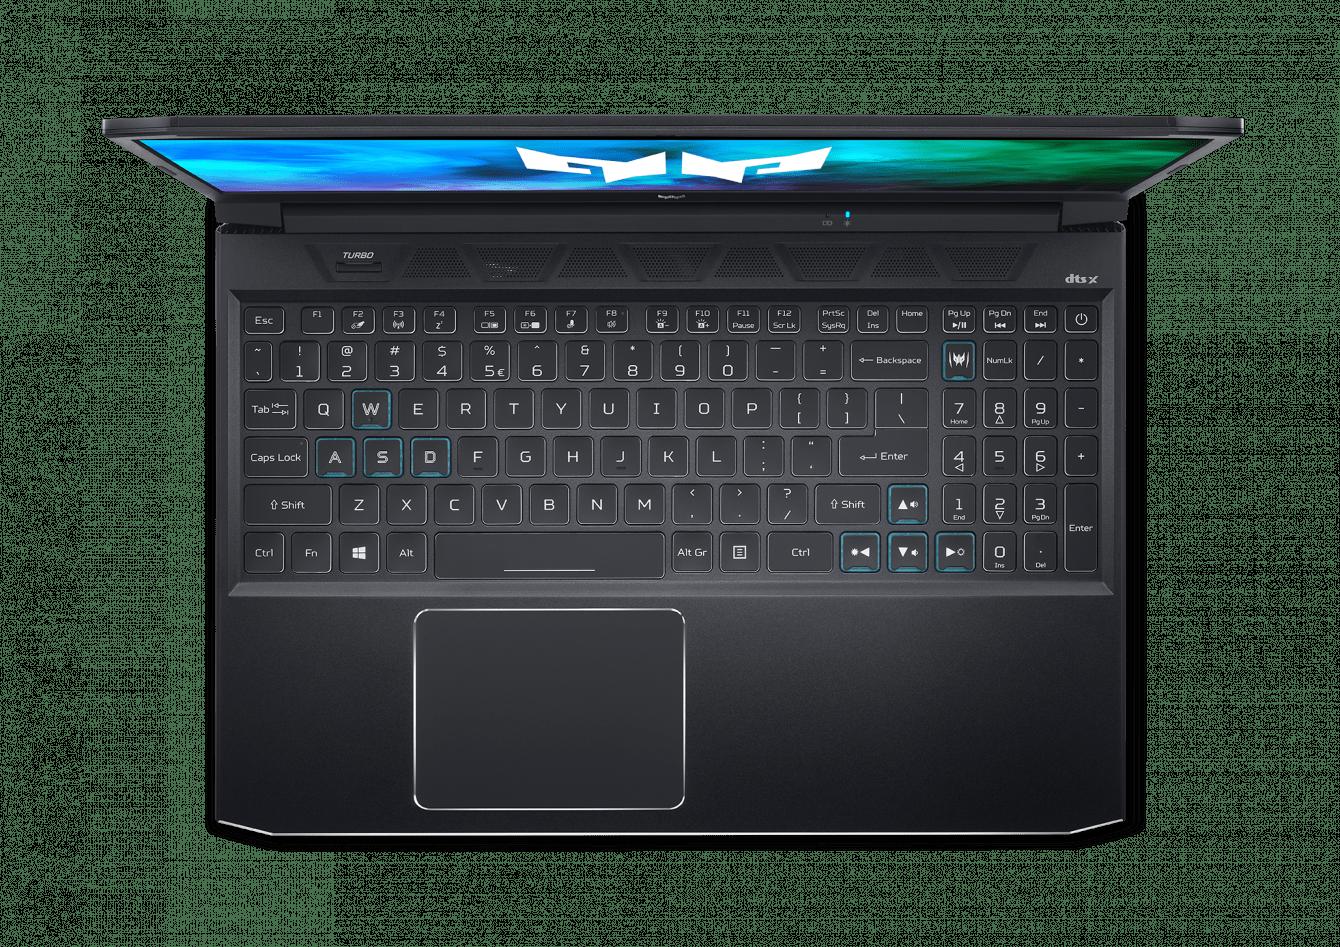 Acer Predator Triton 300, Predator Helios 300 e Acer Nitro 5: con Intel Tiger Lake-H